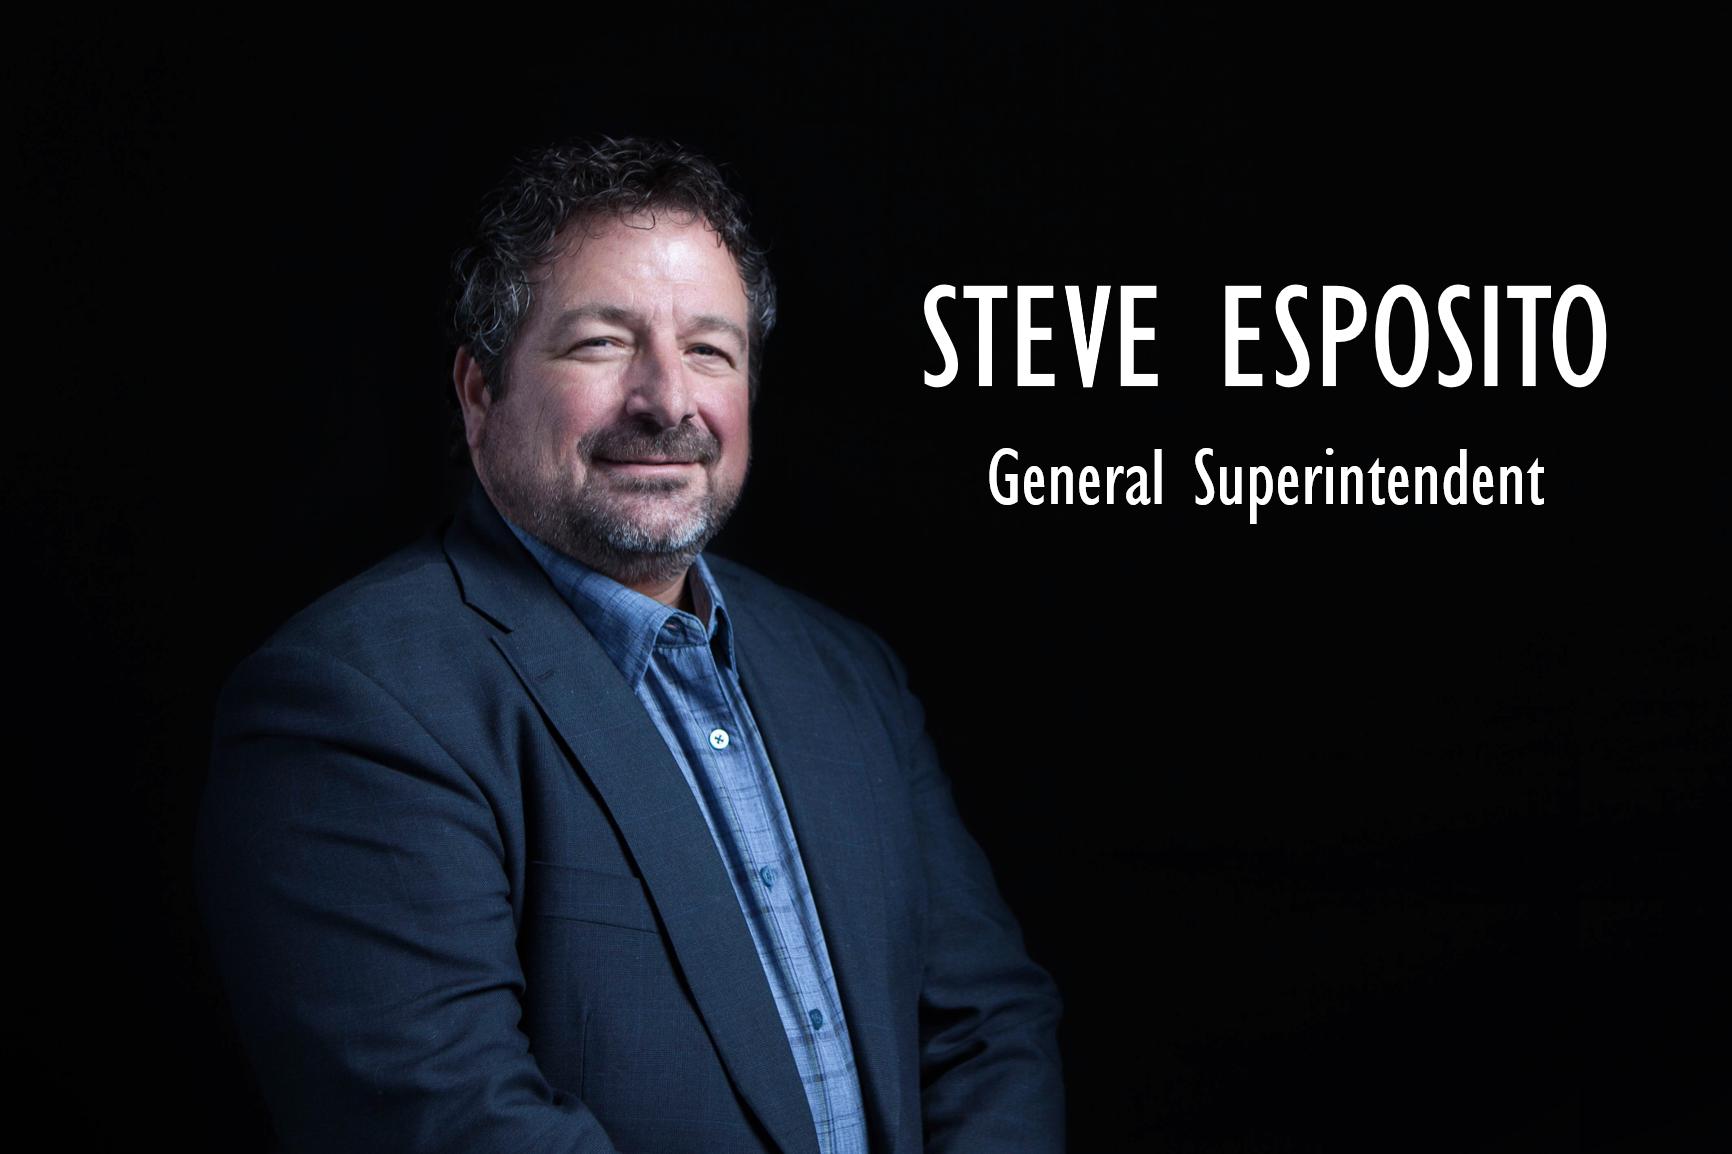 Steve Esposito